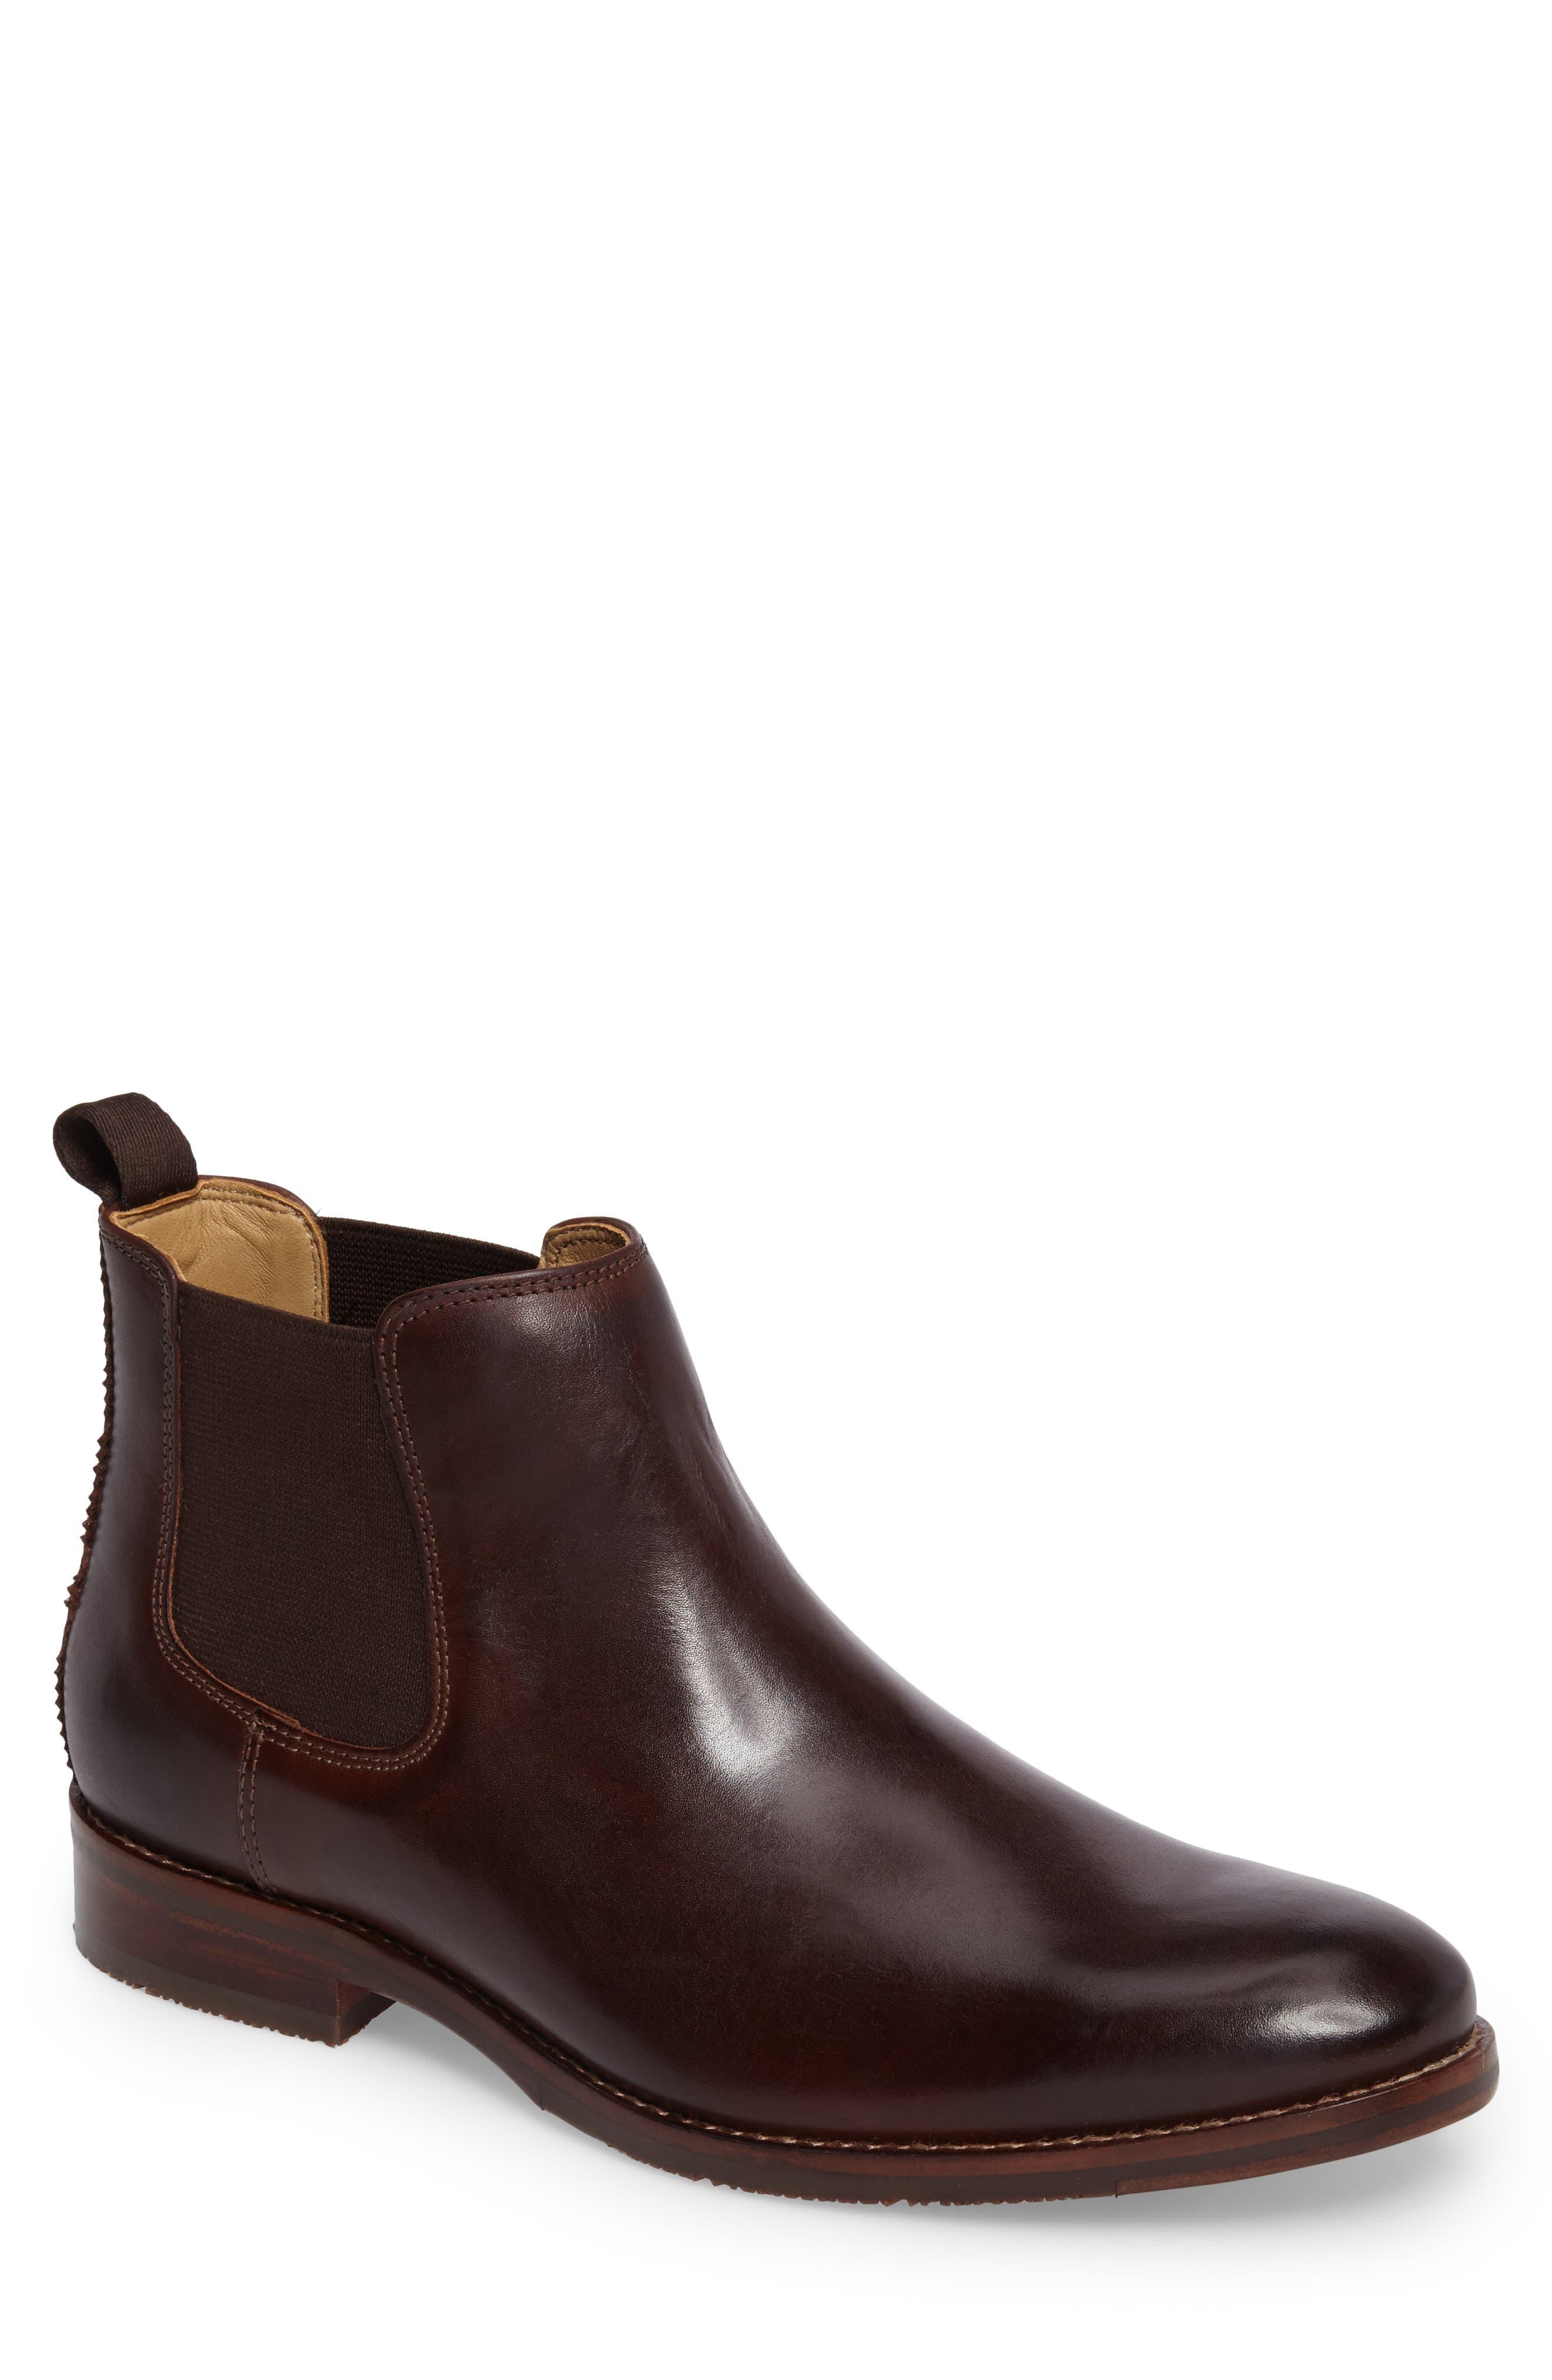 Alternate Image 1 Selected - Johnston & Murphy Garner Chelsea Boot (Men)